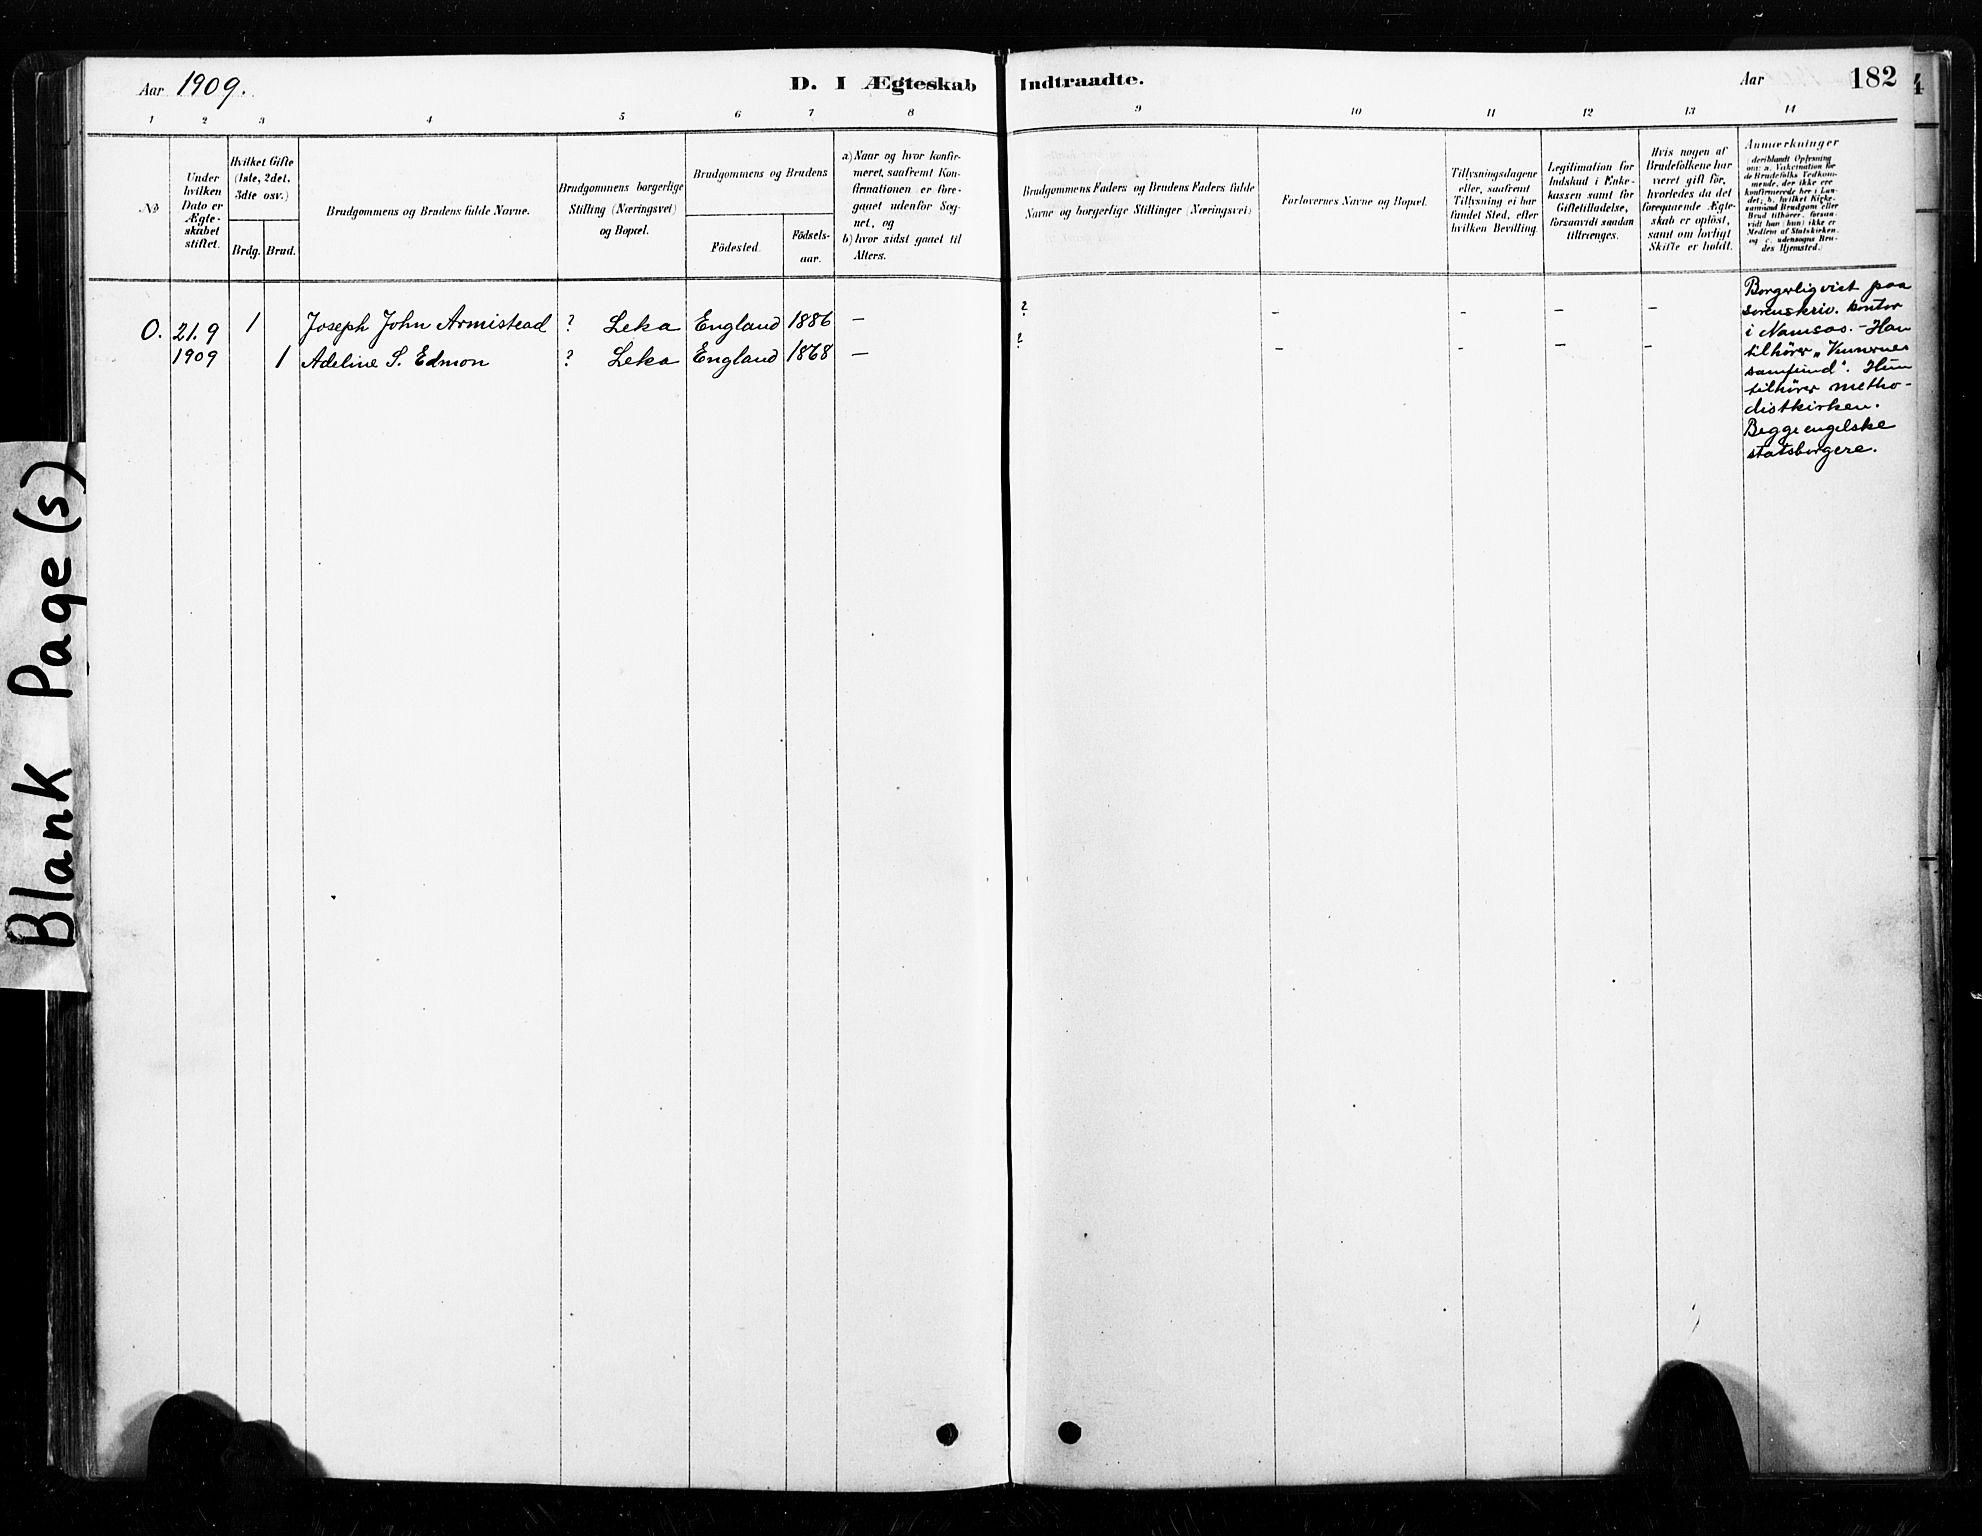 SAT, Ministerialprotokoller, klokkerbøker og fødselsregistre - Nord-Trøndelag, 789/L0705: Parish register (official) no. 789A01, 1878-1910, p. 182